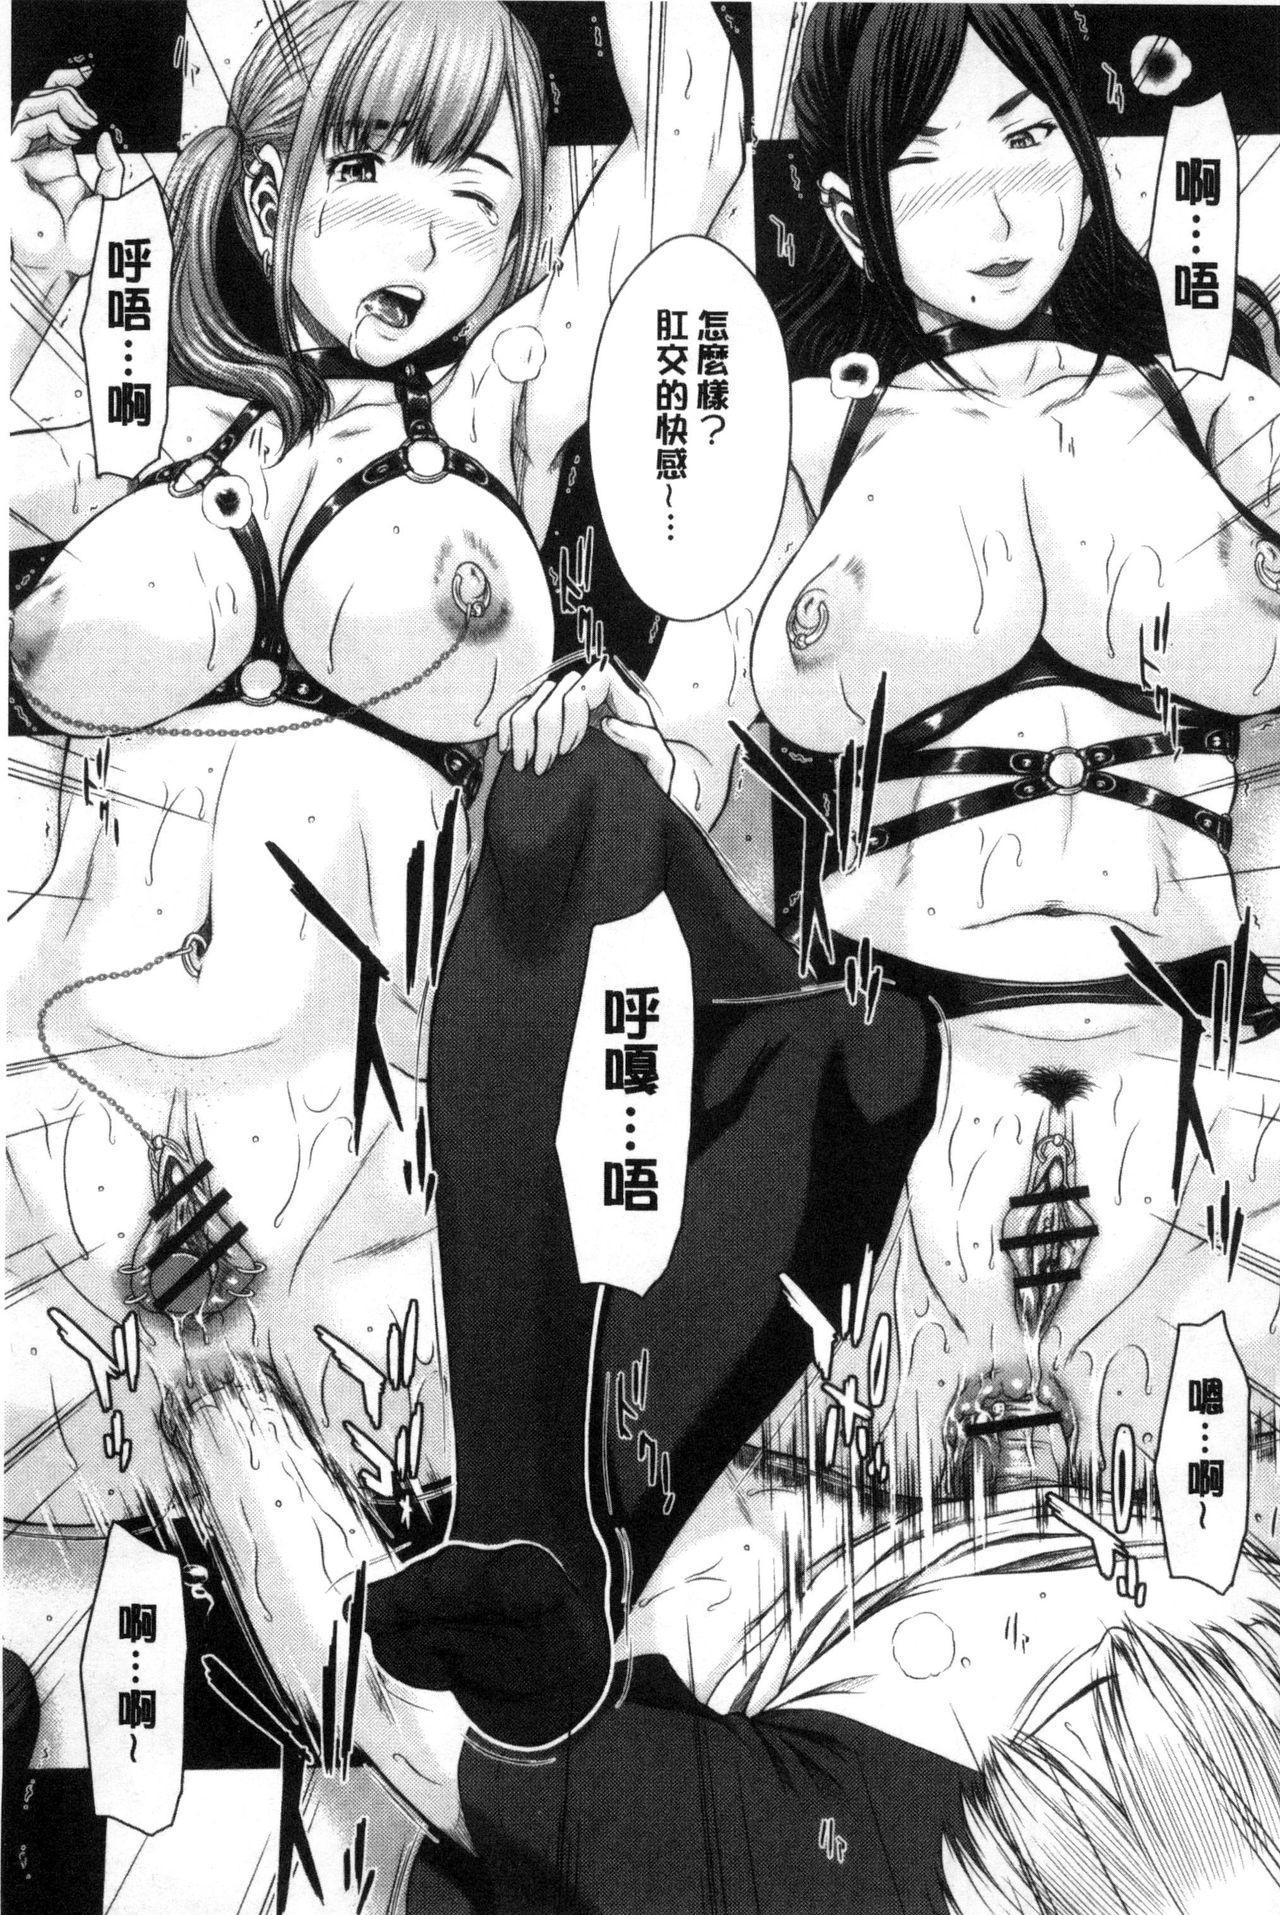 Mesukano Inbina Mesu Kanojotachi To No Hibi 177